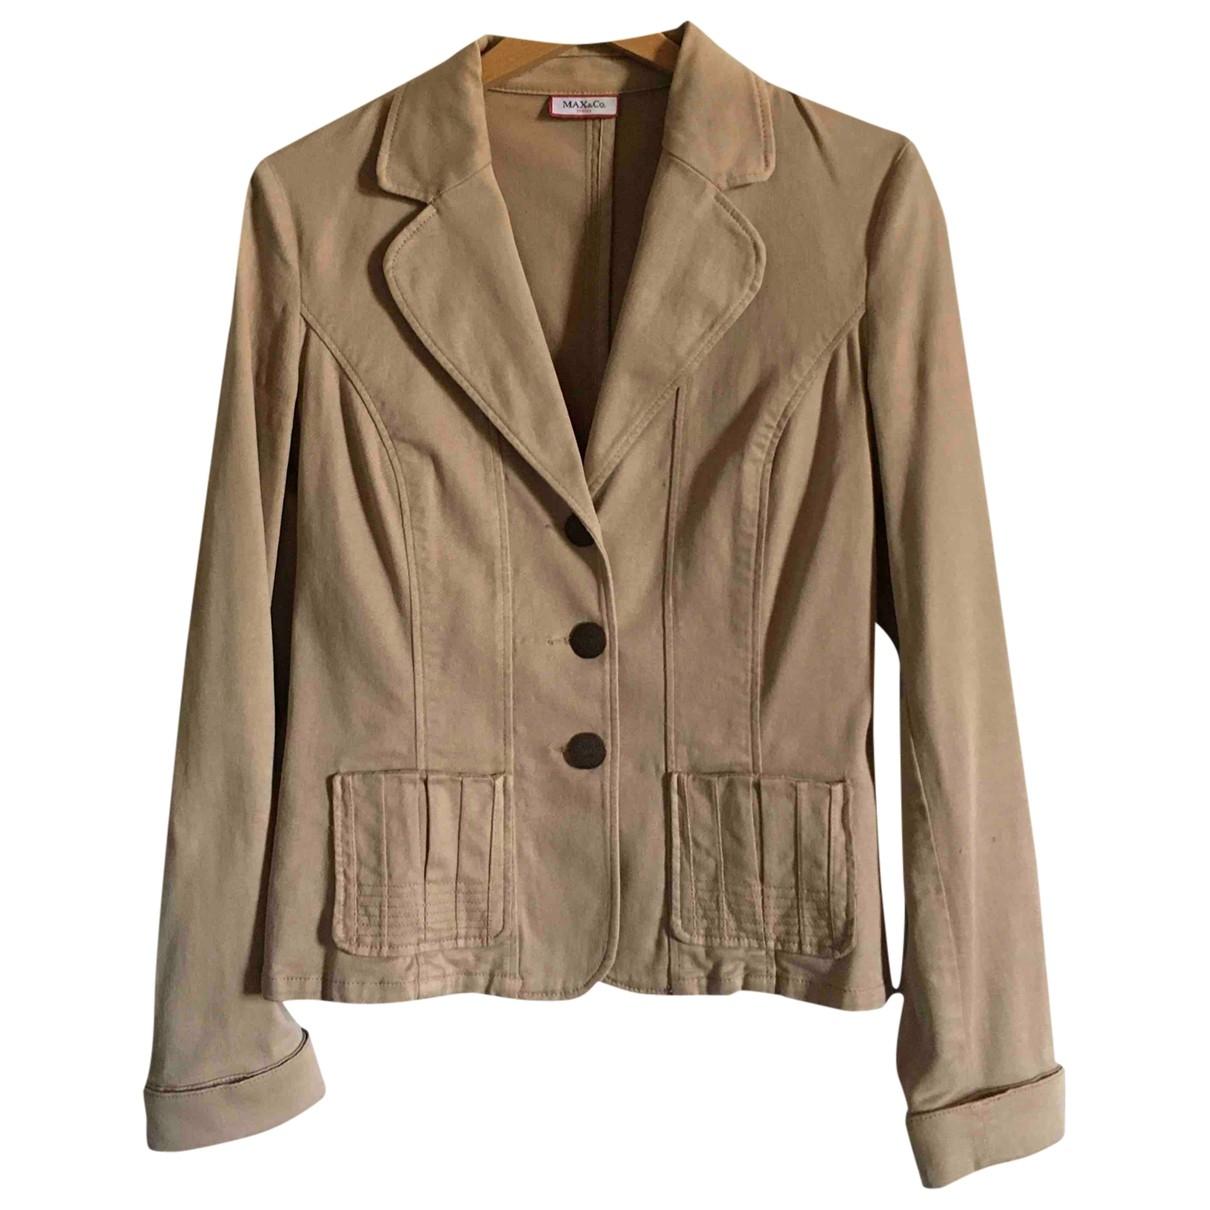 Max & Co \N Beige Cotton jacket for Women 42 IT